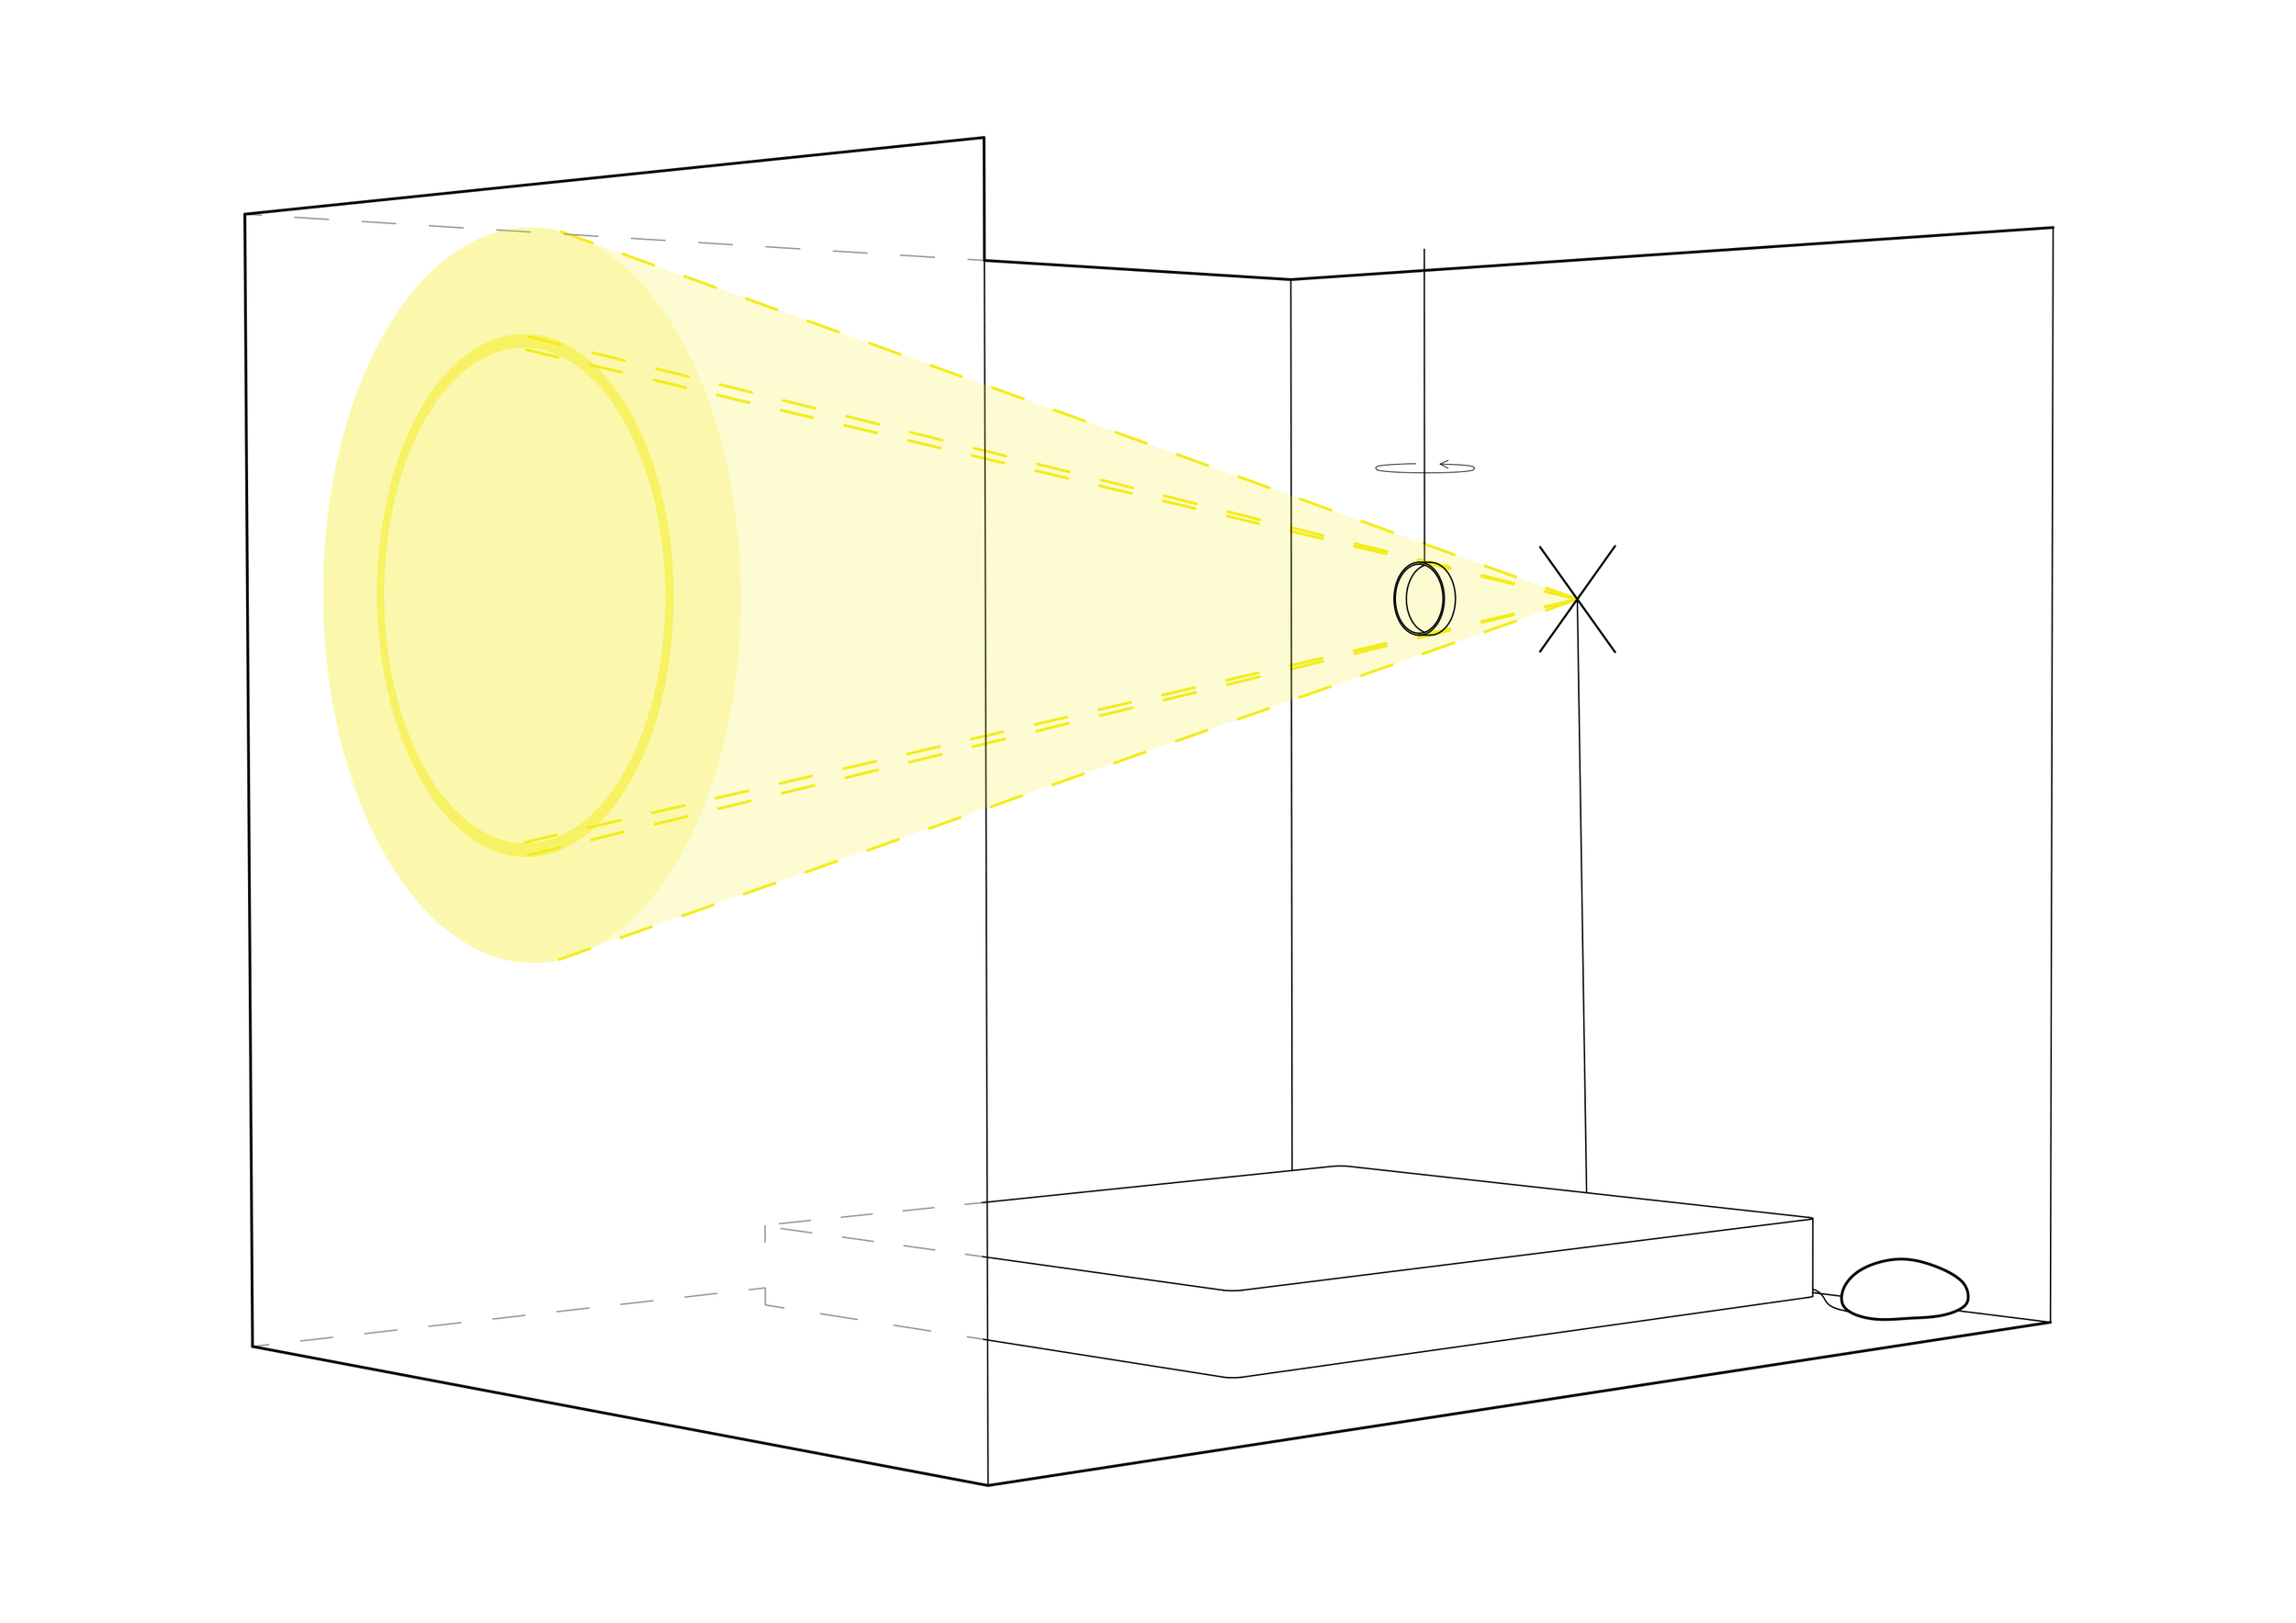 aurora montage scheme